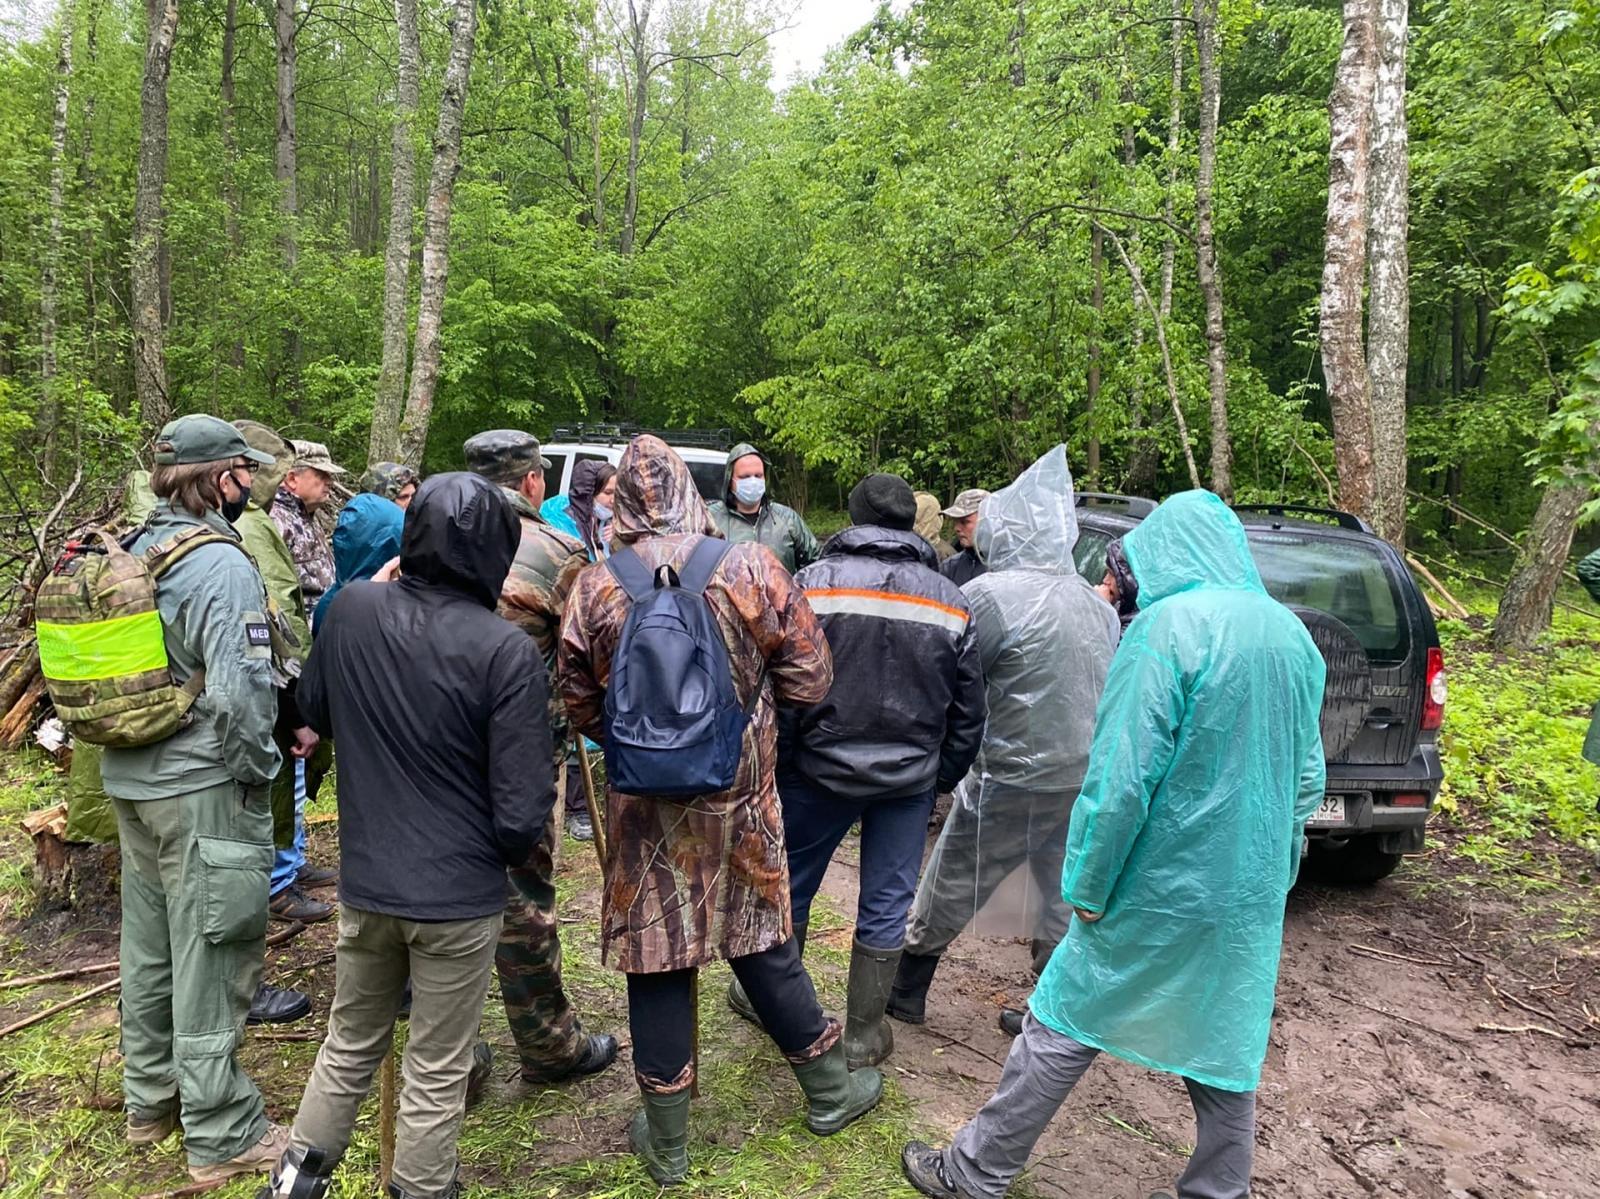 В Трубчевске Брянской области идут поиски потерявшейся в лесу 78-летней Антонины Новиковой